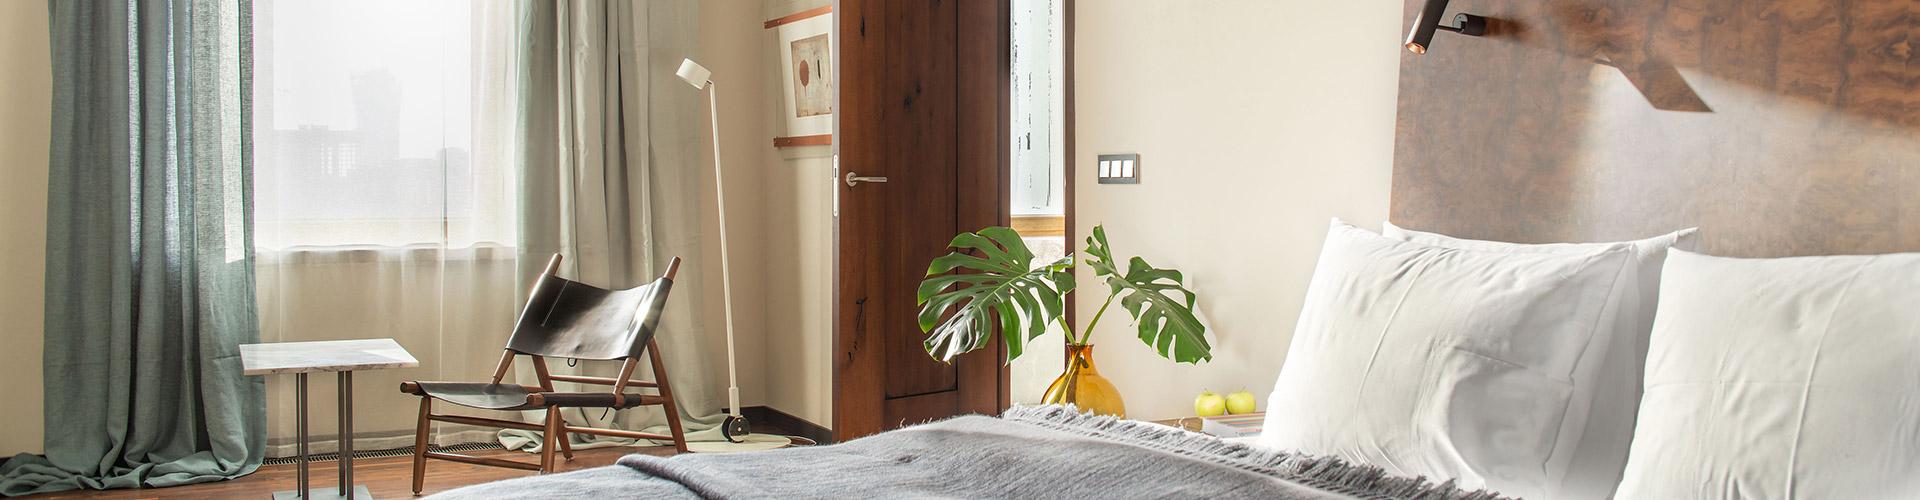 Hotel-warszawa-pieciogwiazkowy-hotel-w-centrum-warszawy-junior-suite